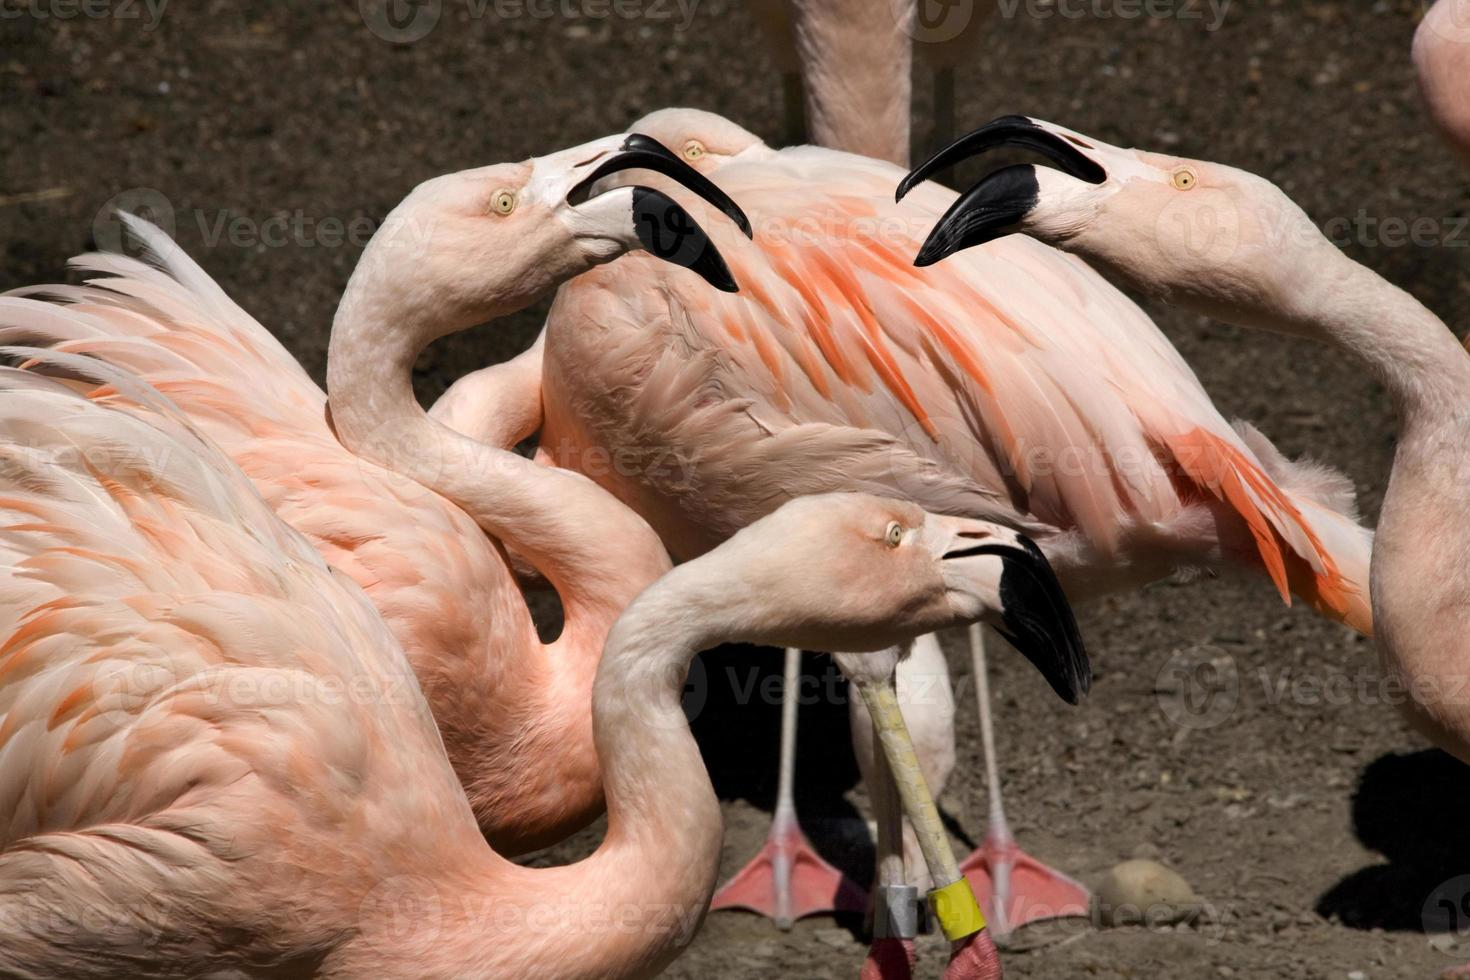 qui ne parliamo di pettegolezzi di fenicotteri cileni rosa foto